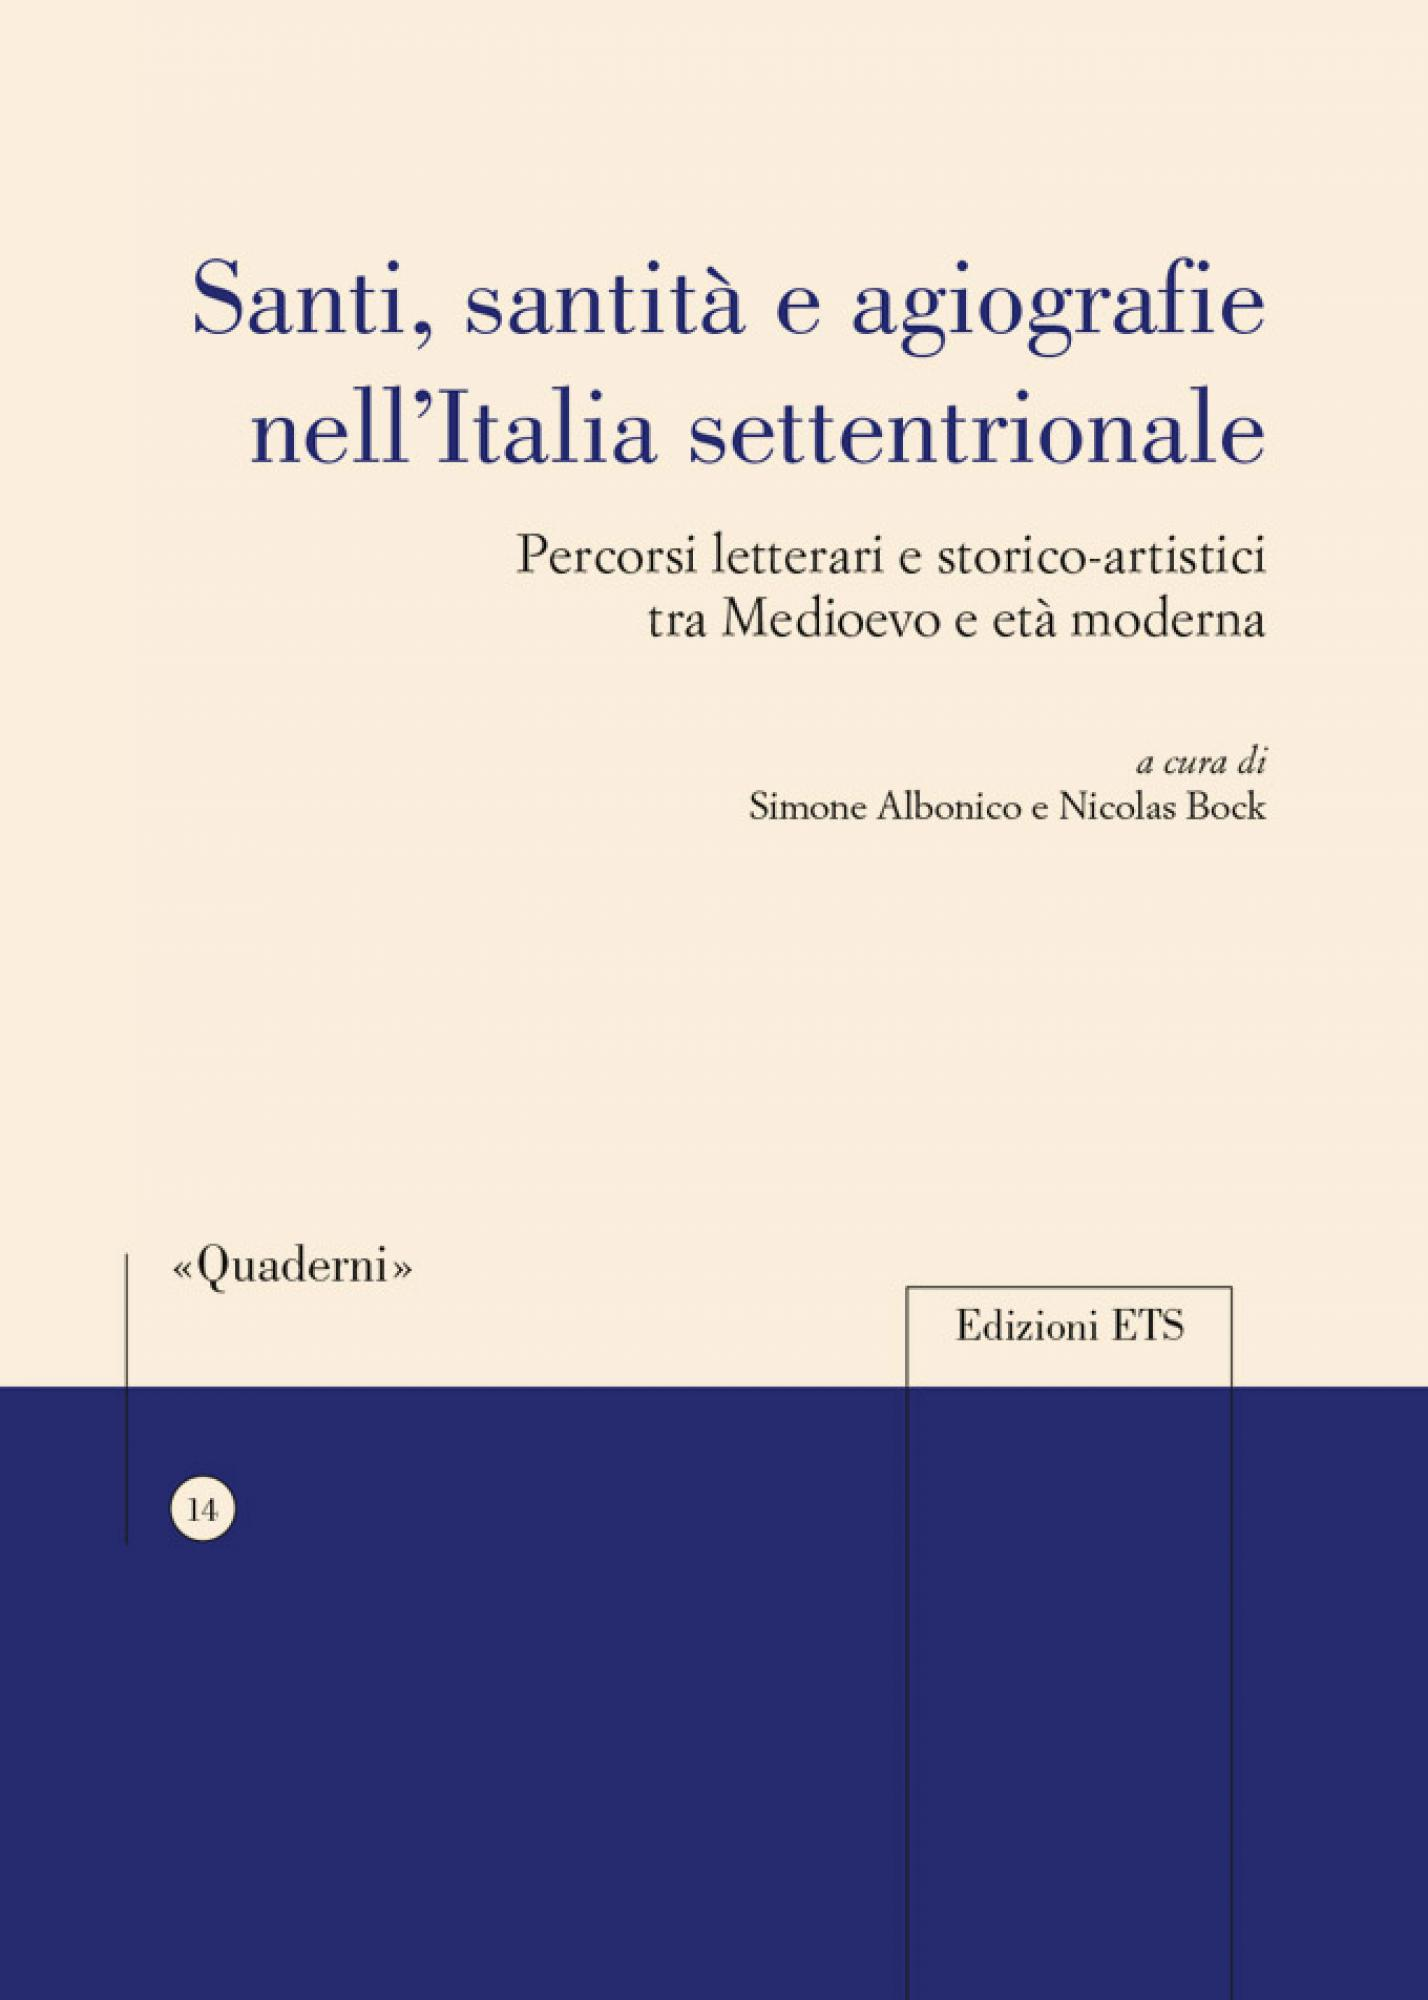 Santi, santità e agiografie nell'Italia settentrionale.Percorsi letterari e storico-artistici tra Medioevo e età moderna